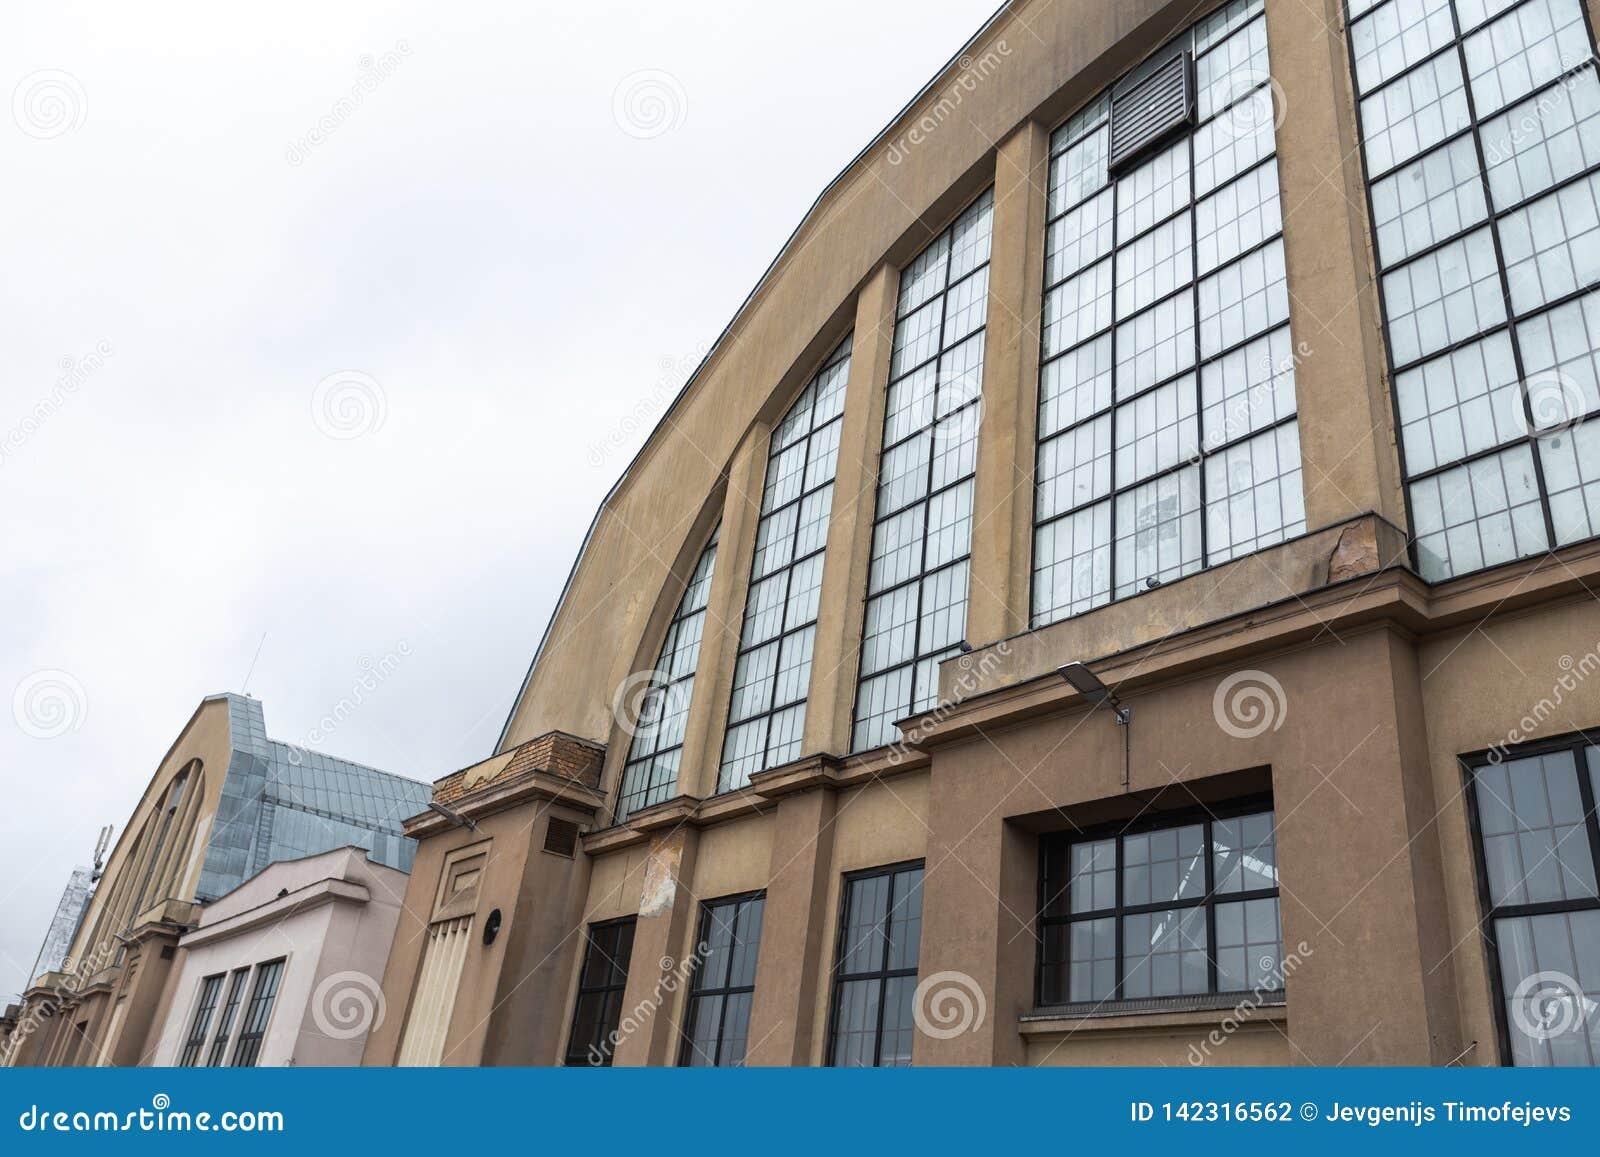 ΡΗΓΑ, ΛΕΤΟΝΙΑ - 16 ΜΑΡΤΊΟΥ 2019: Κεντρικό εξωτερικό αγοράς της Ρήγας - ιστορικό βιομηχανικό zeppeling σχέδιο υπόστεγων